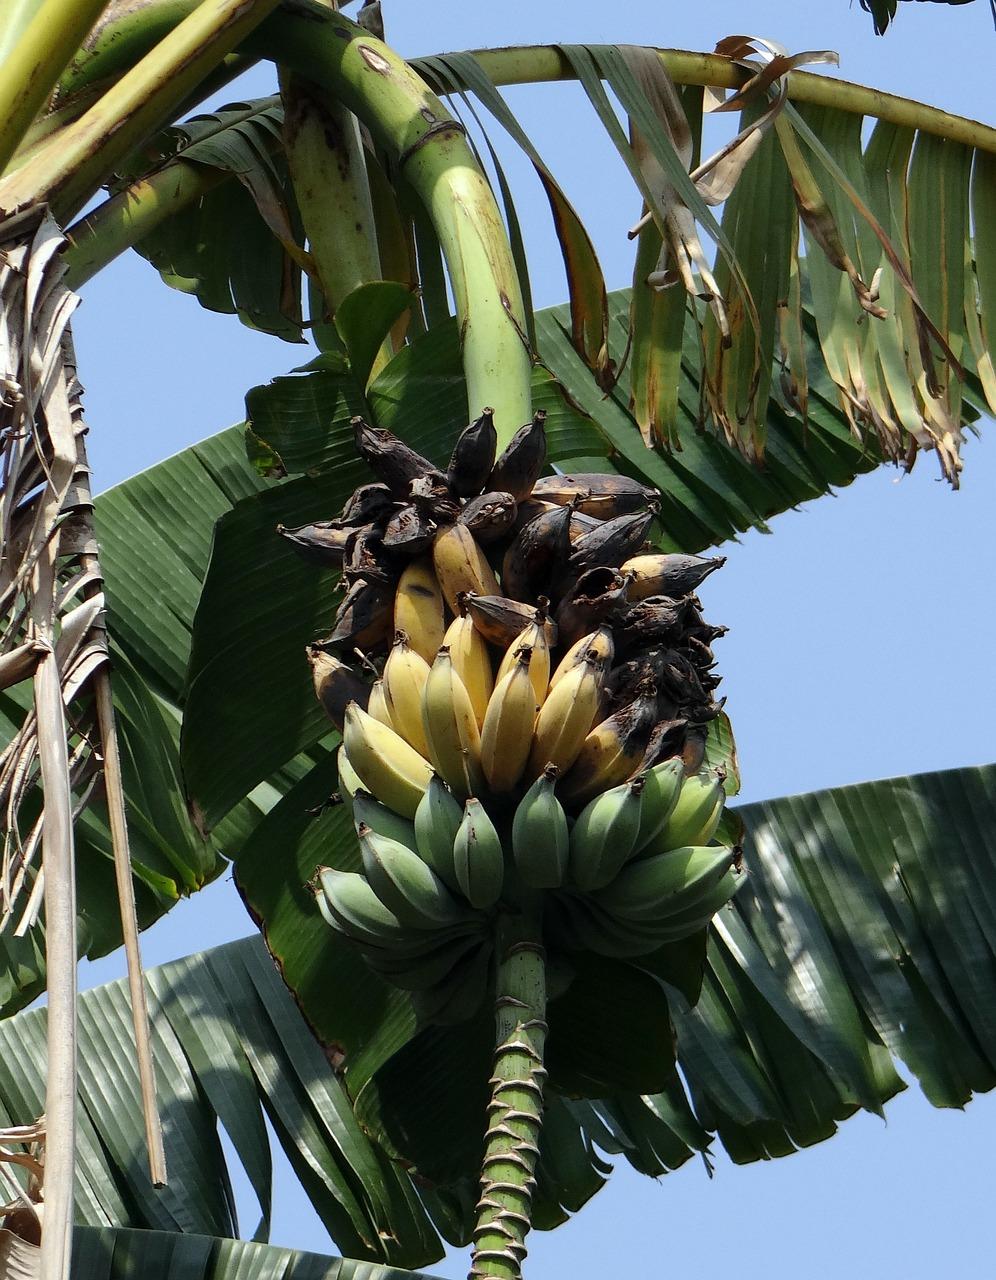 любителям шумных как выглядит настоящий банан фото сиде есть